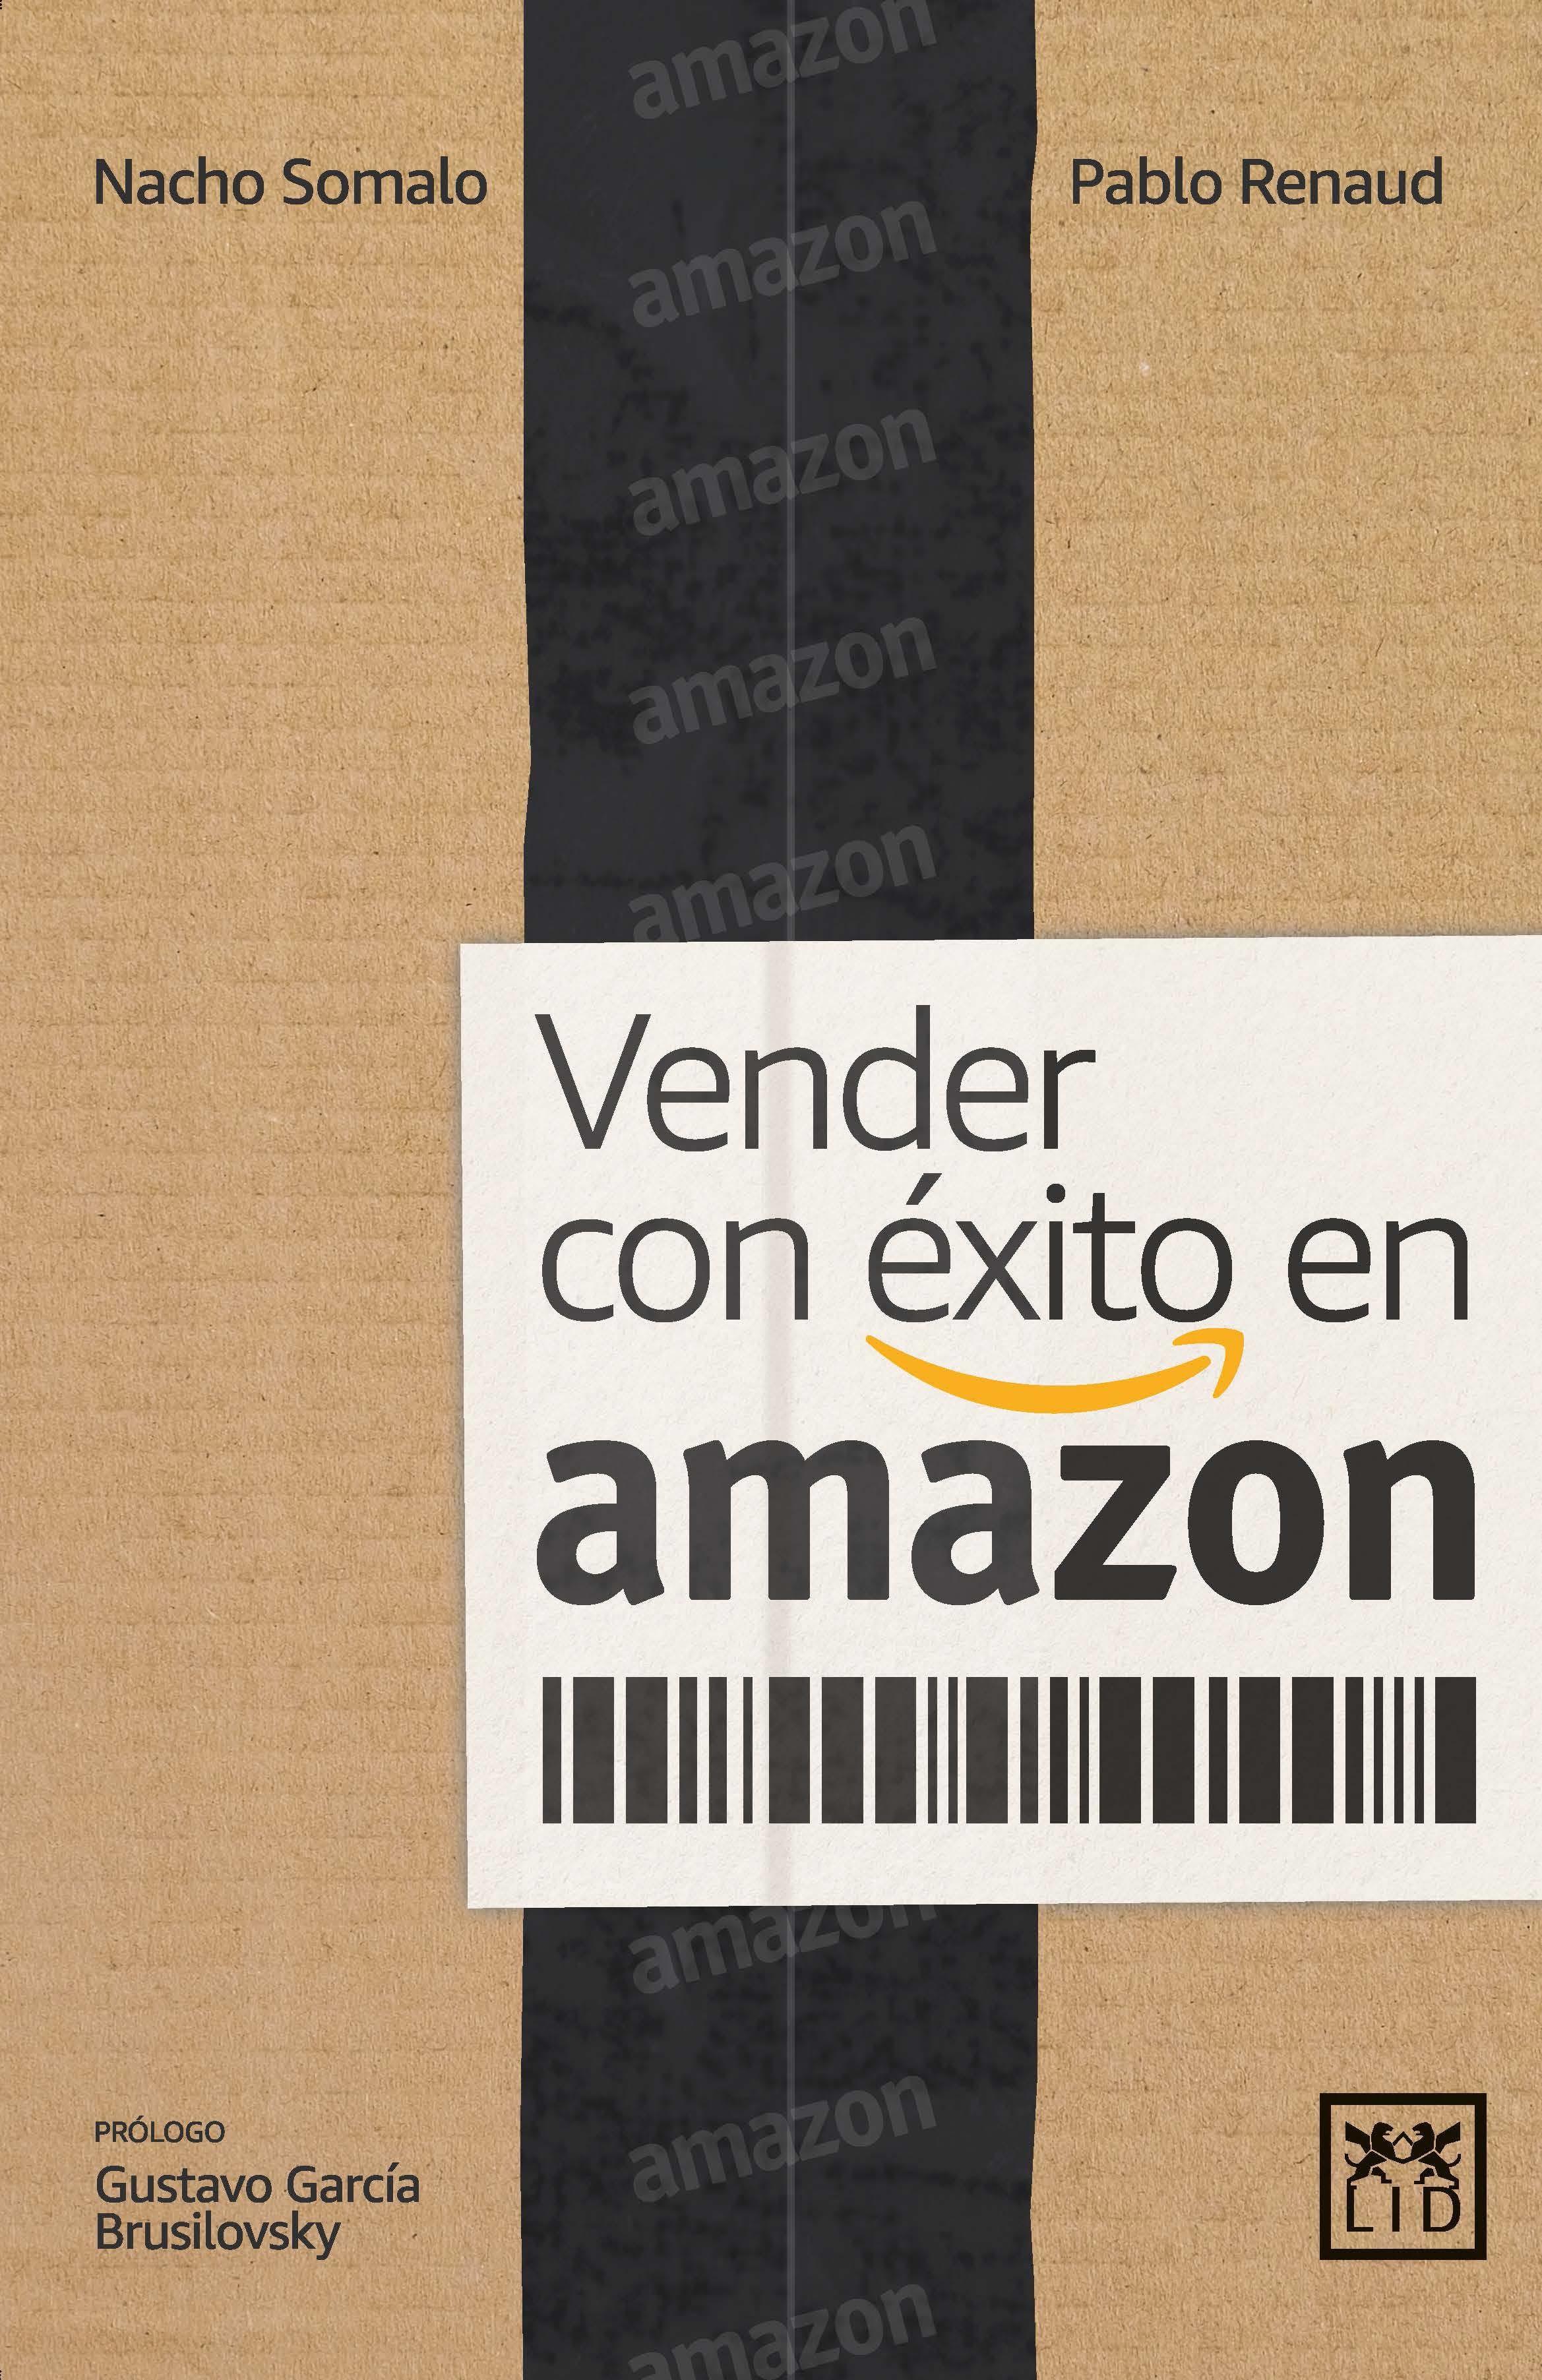 Trucos para vender en Amazon